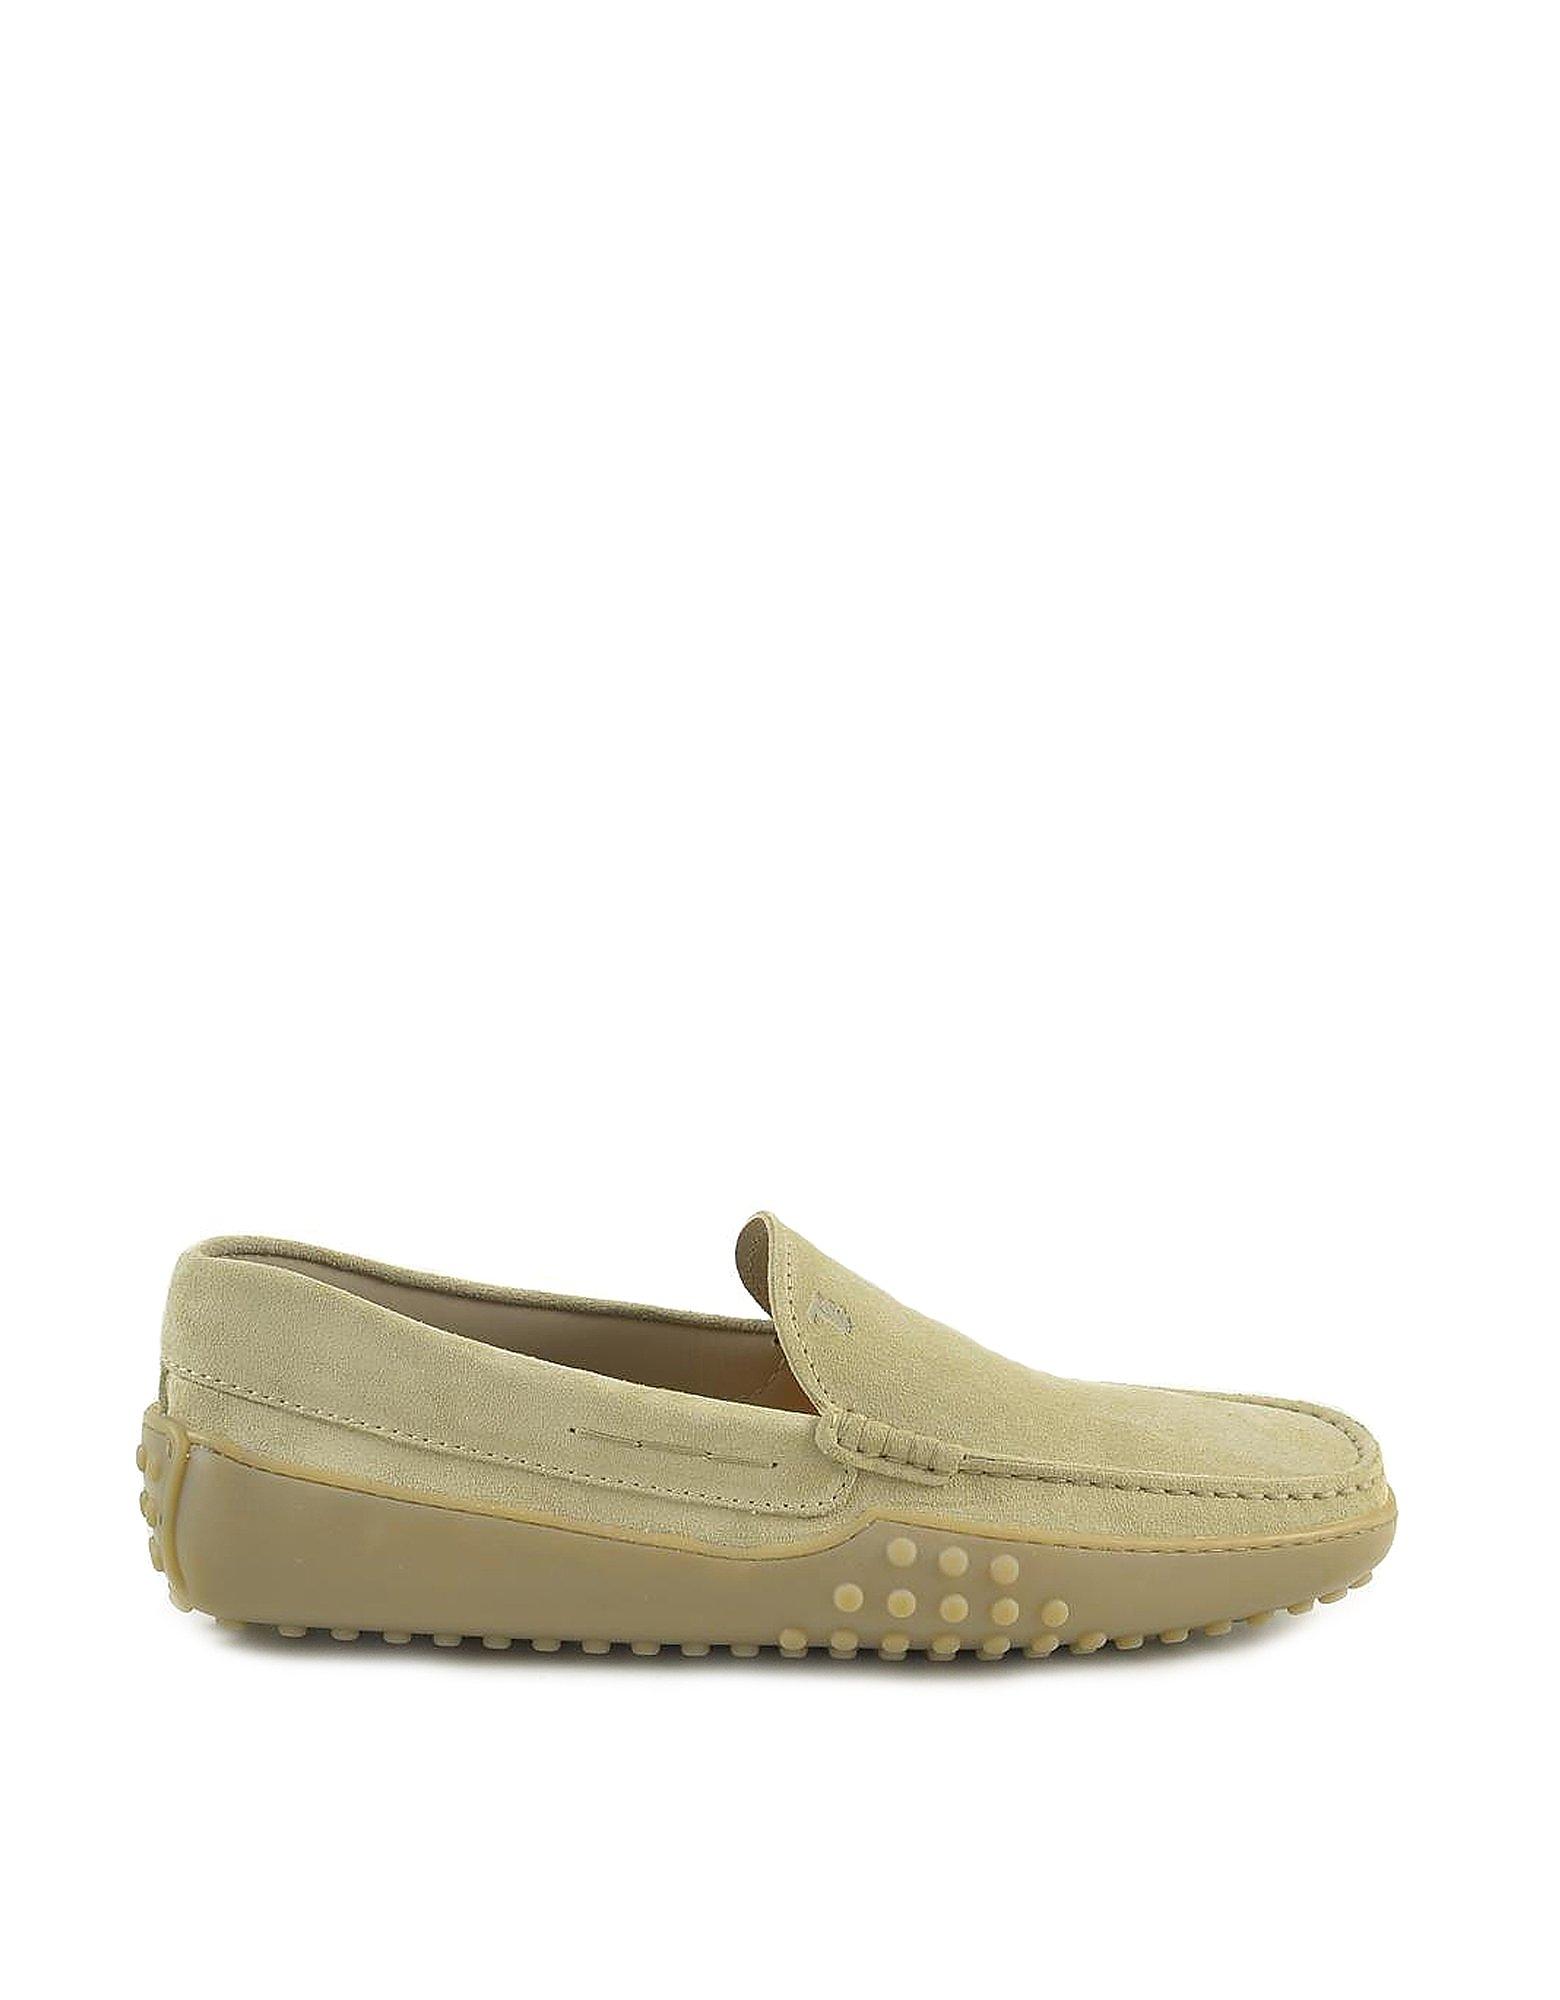 Tod's Designer Shoes, Men's Beige Loafer Shoes